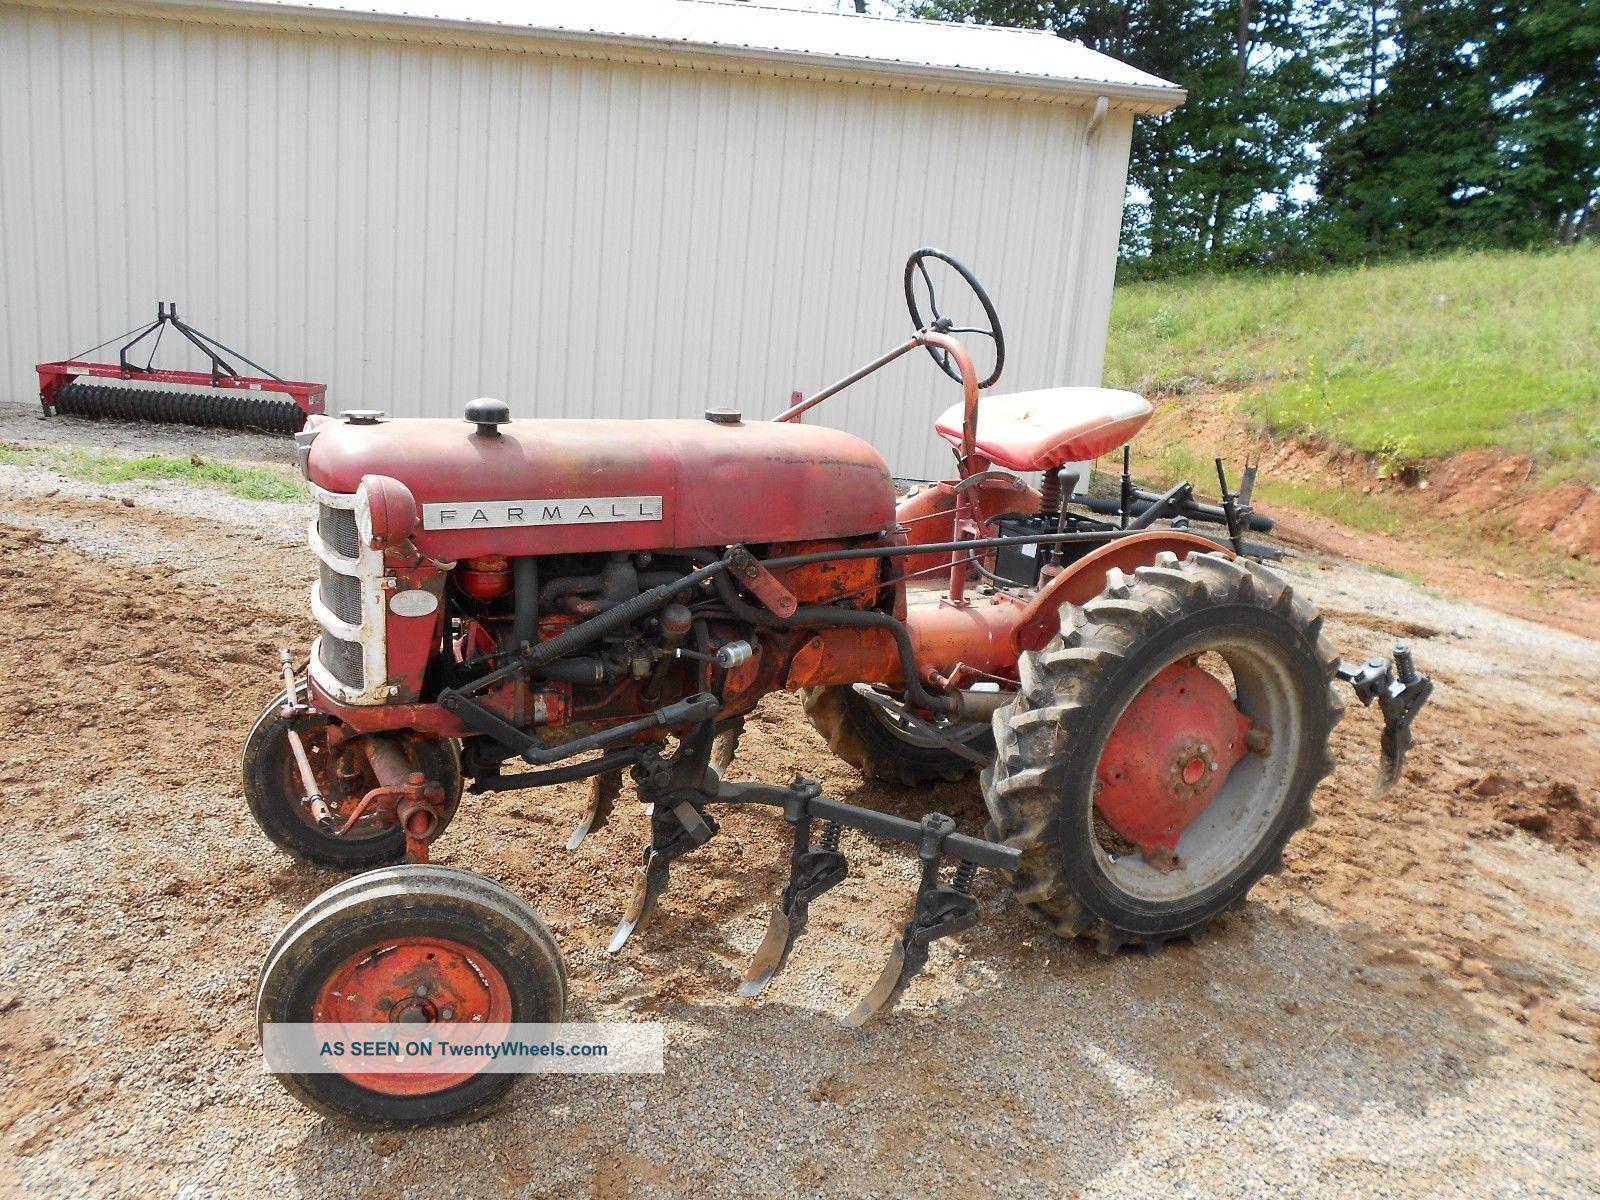 Antique Tractors Equipment : Antique farmall tractor